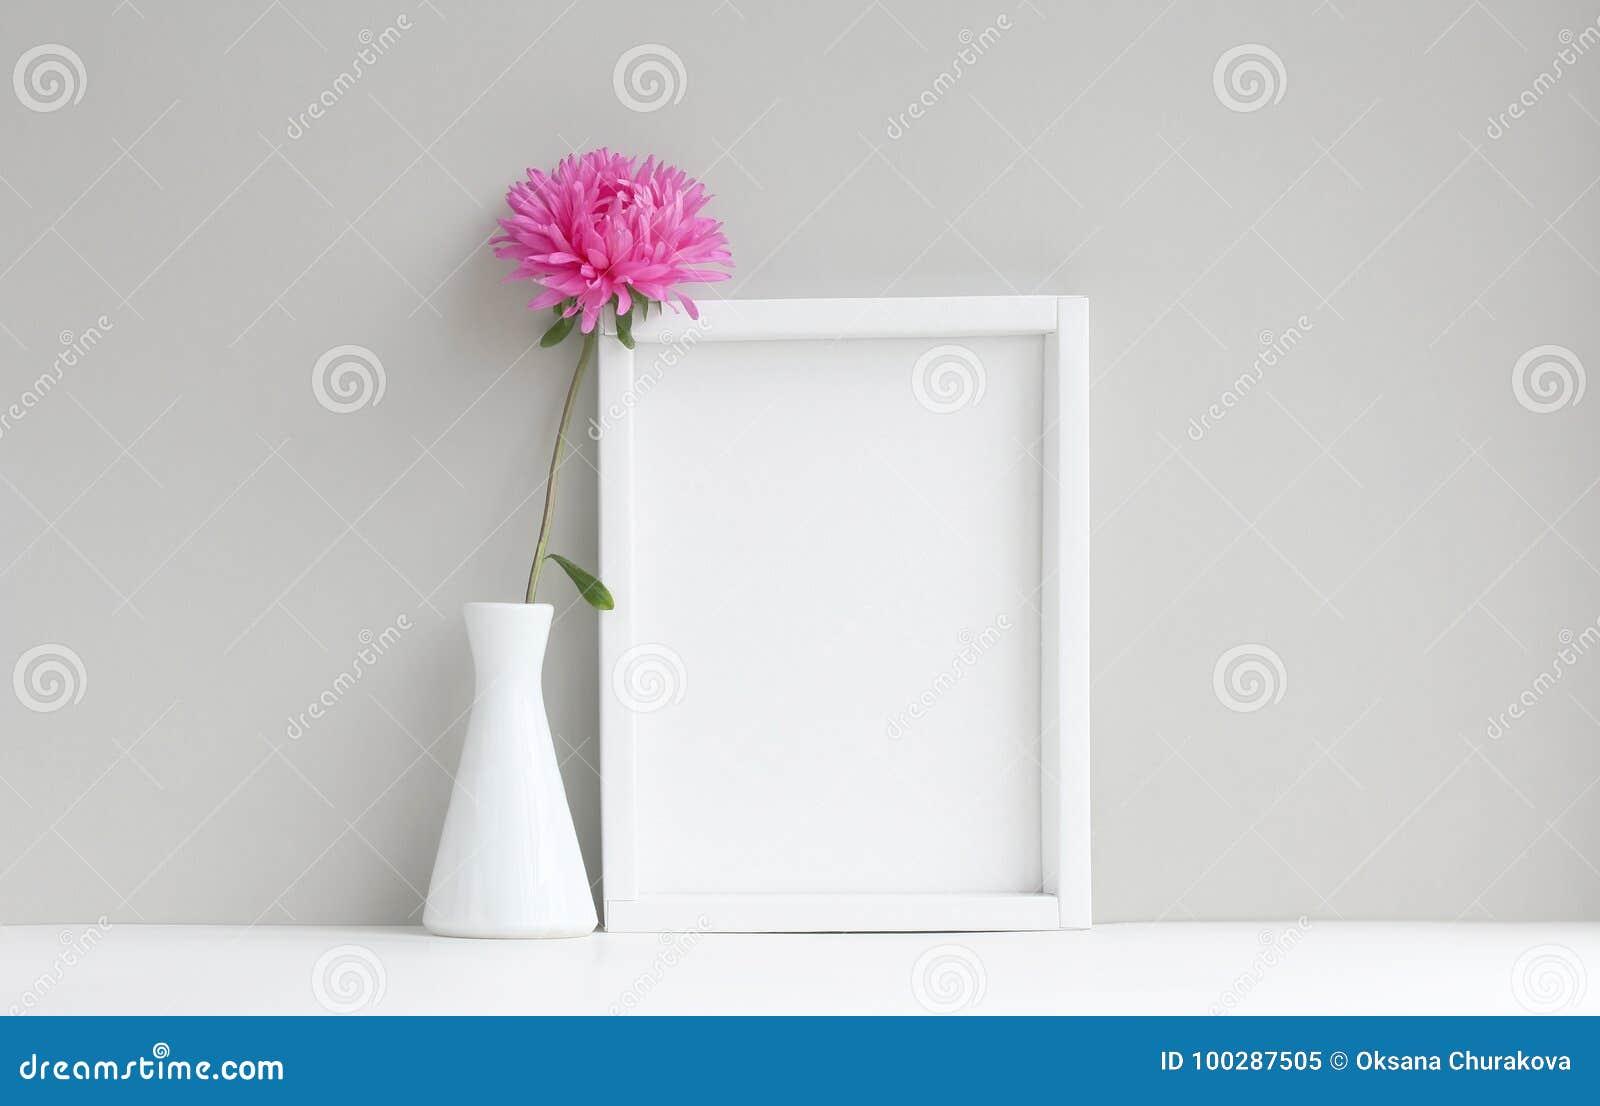 白色框架,空的大模型,在有桃红色翠菊的花瓶旁边